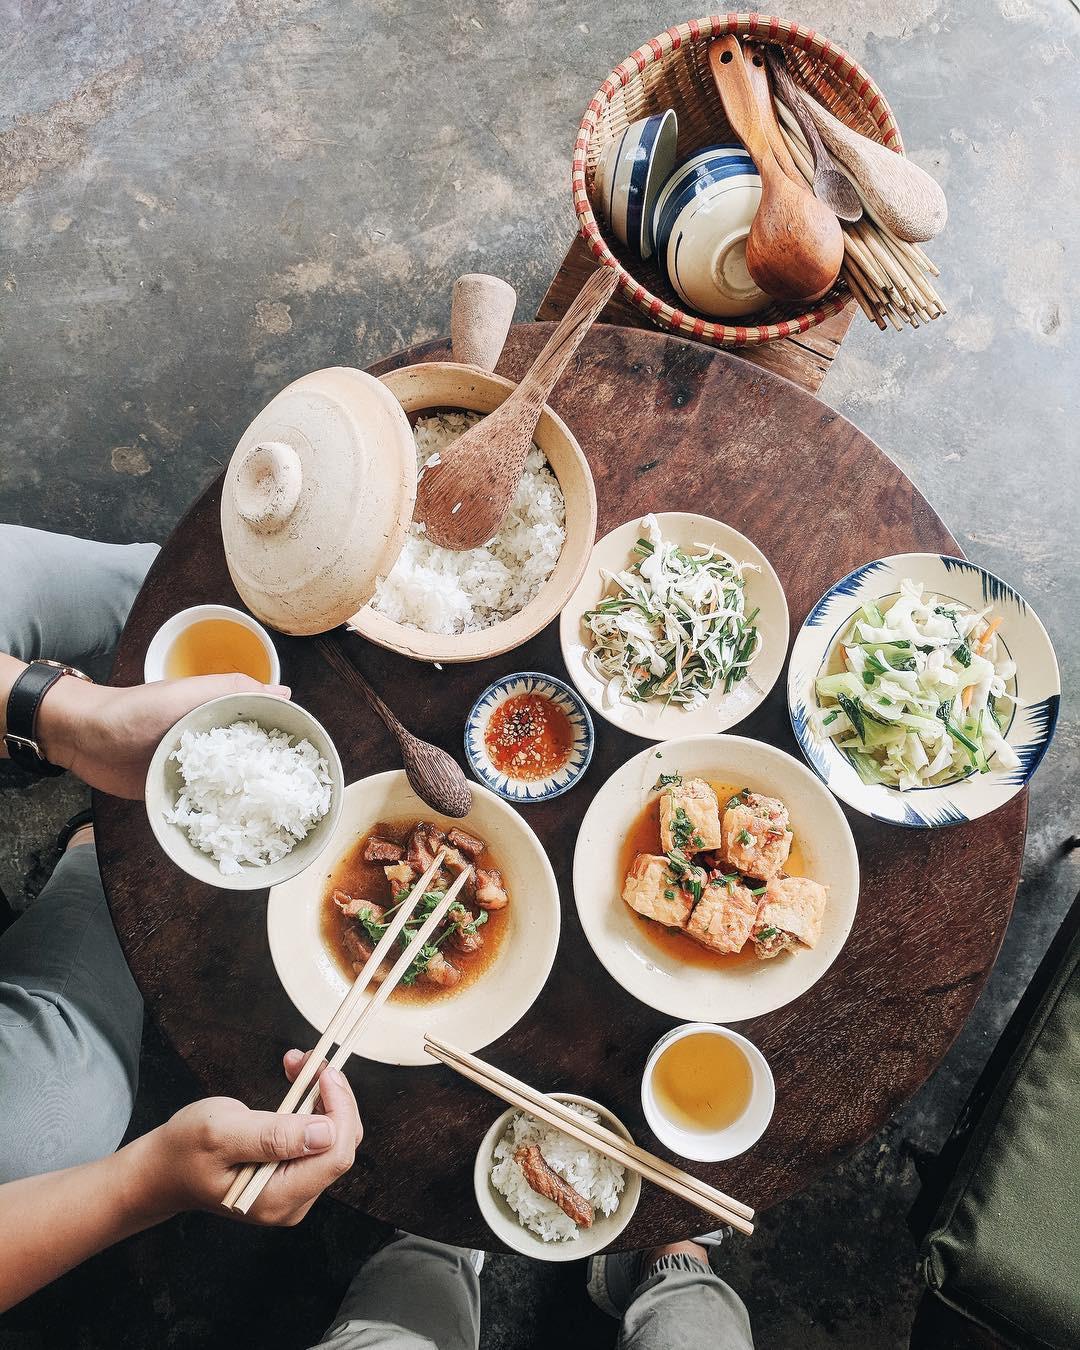 5 quán ăn chuẩn vị cơm nhà, decor xinh xắn cho những lúc chán quà thèm cơm ở Đà Lạt - Hình 2